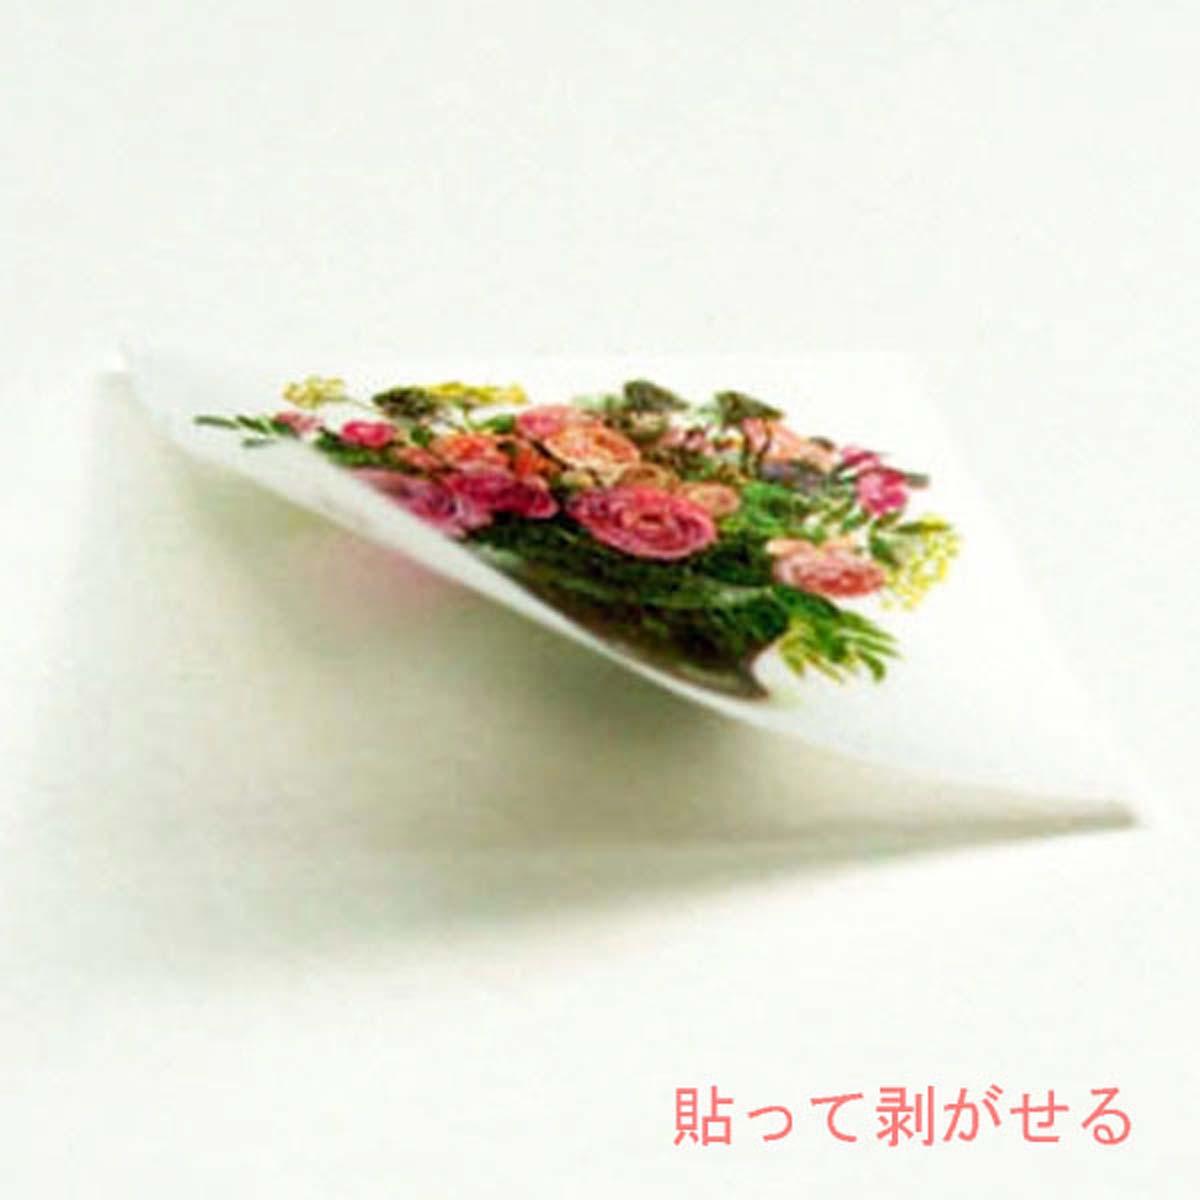 マスキングシール Fujico 22 小間 sl-174